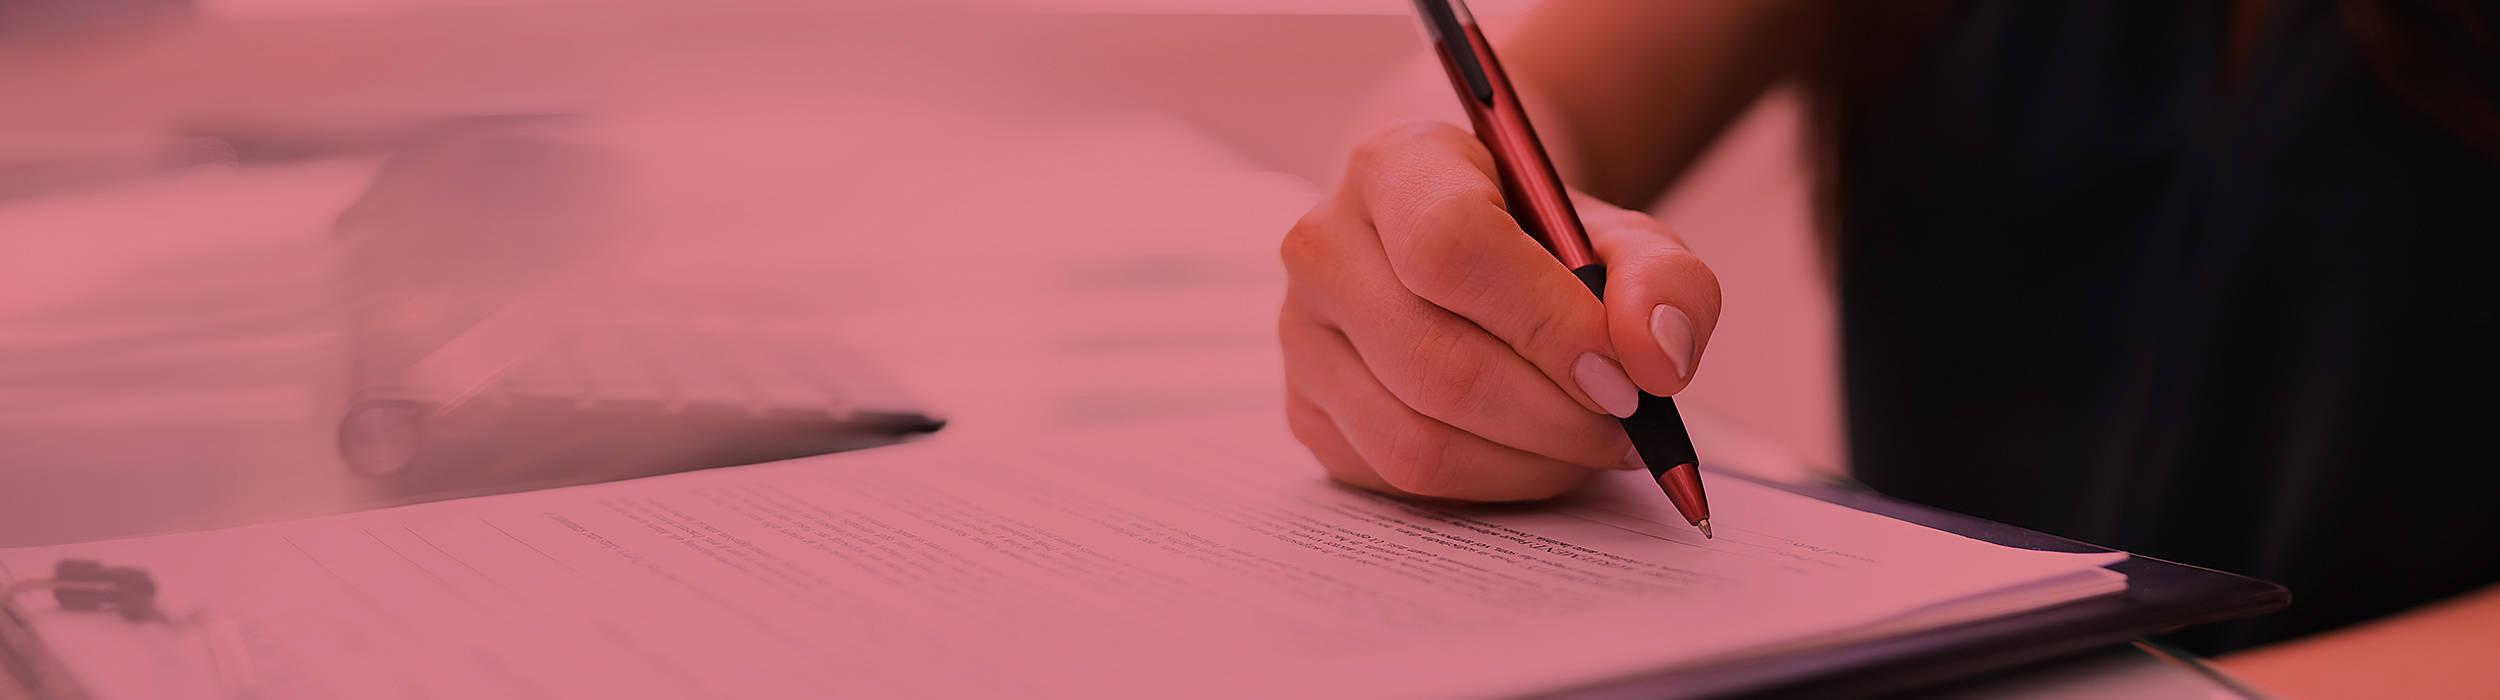 Nachstehend finden Sie Links zu den PDF-Versionen unserer Allgemeinen Geschäftsbedingungen und weiteren Dokumenten.